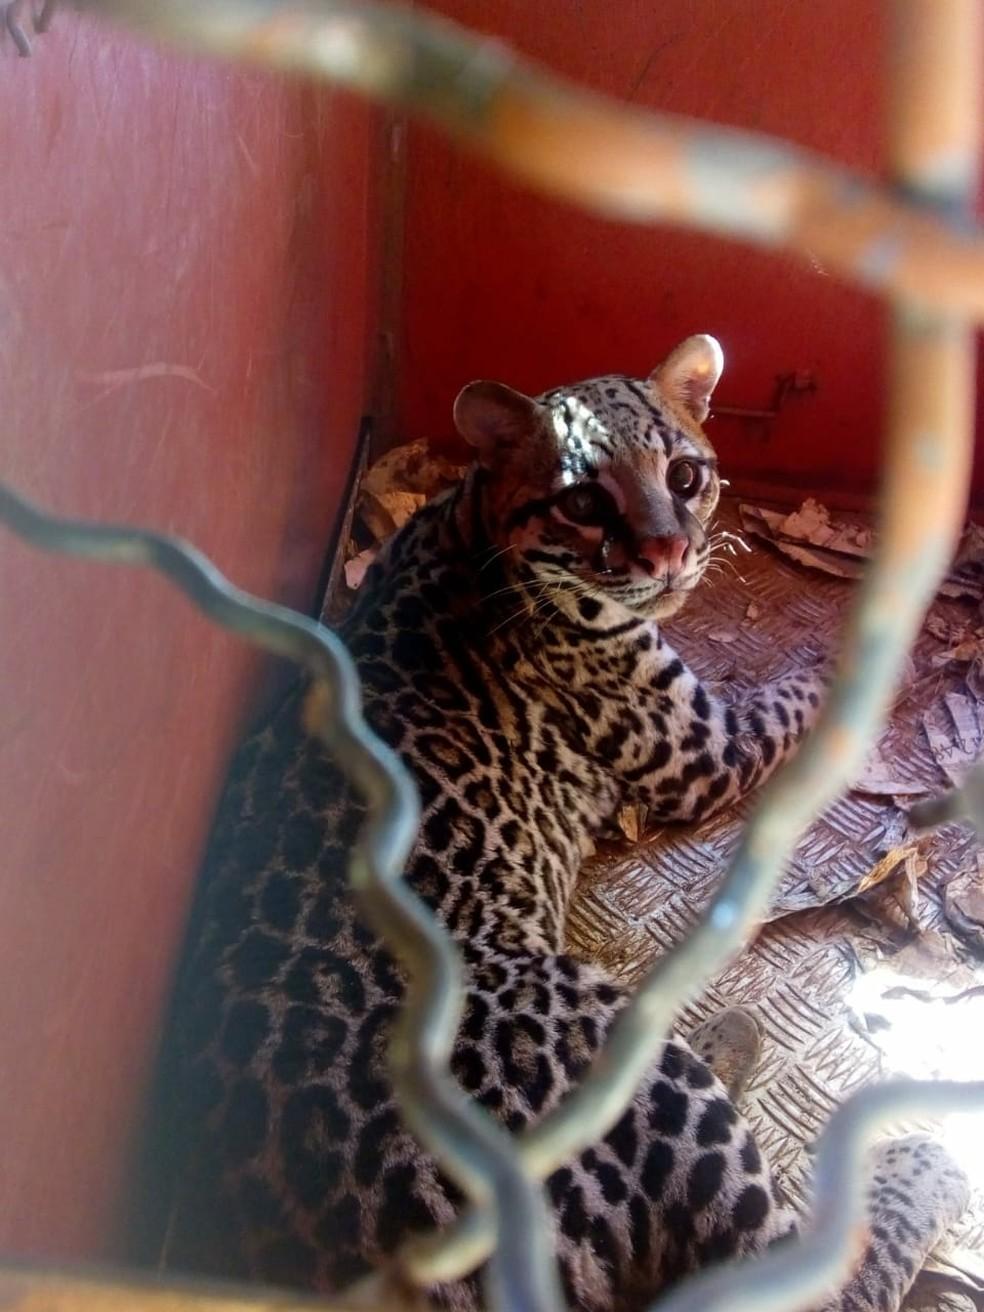 Animal foi capturado e solto em mata nativa no fim da tarde em São Sebastião do Paraíso (Foto: Corpo de Bombeiros)